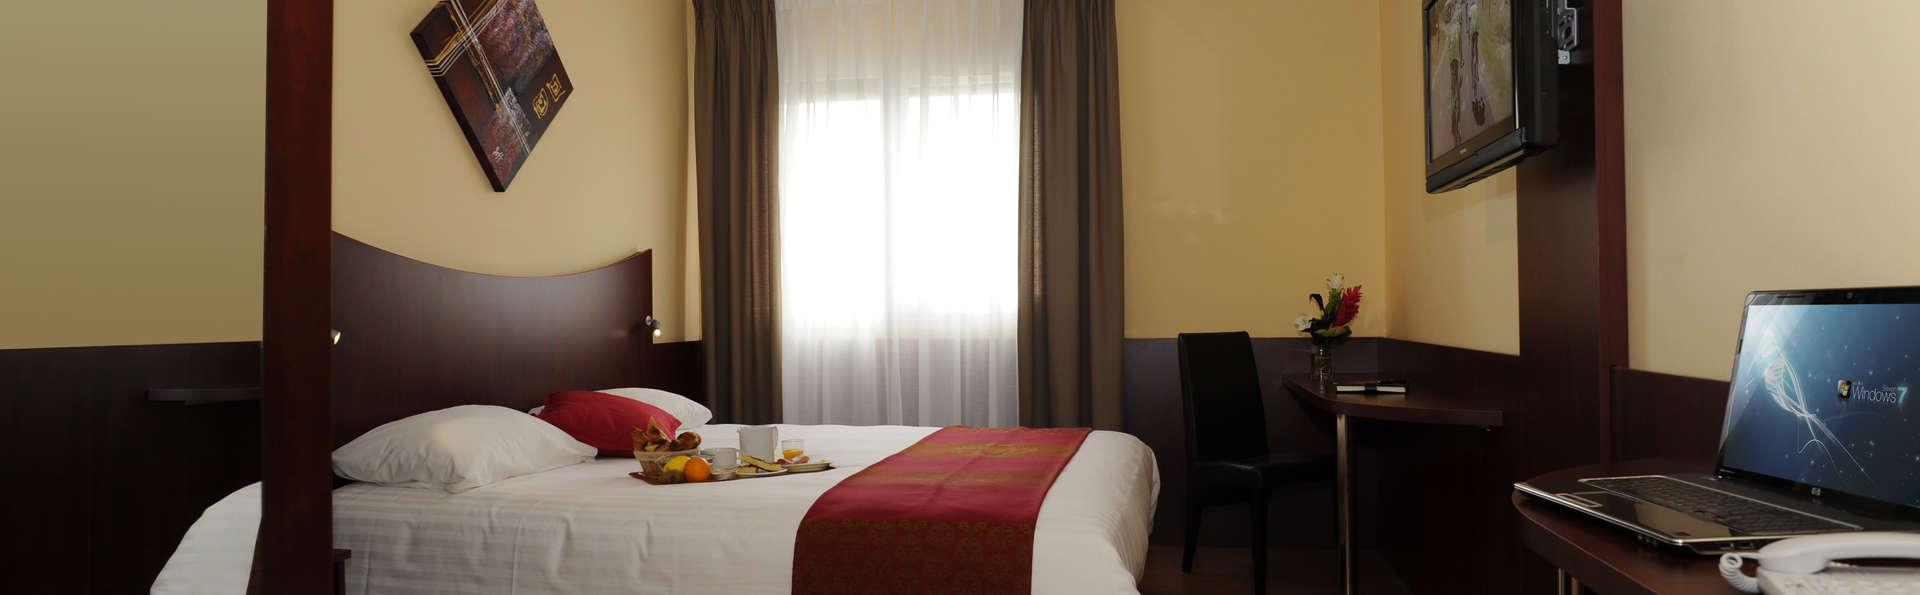 Hotel Center  - Grand_confort.jpg